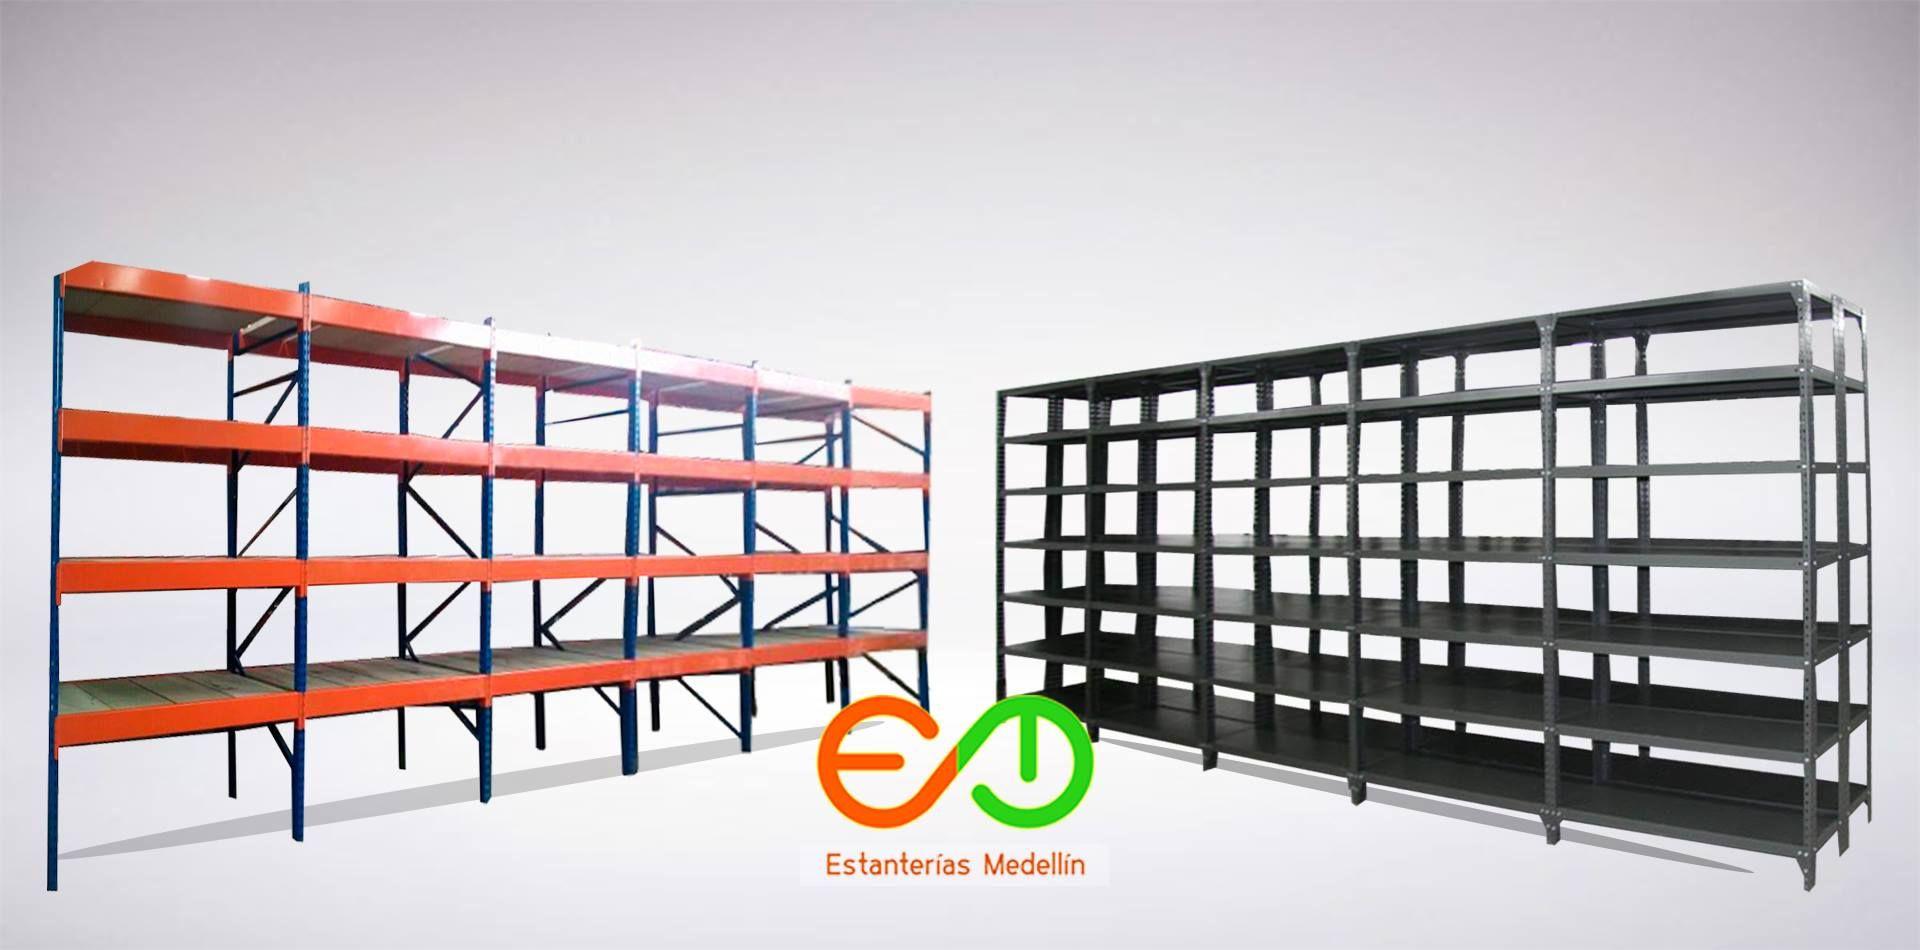 Estanterias Medellin Estanterias Metalicas Medellin Muebles Para  ~ Archivadores Metalicos Leroy Merlin